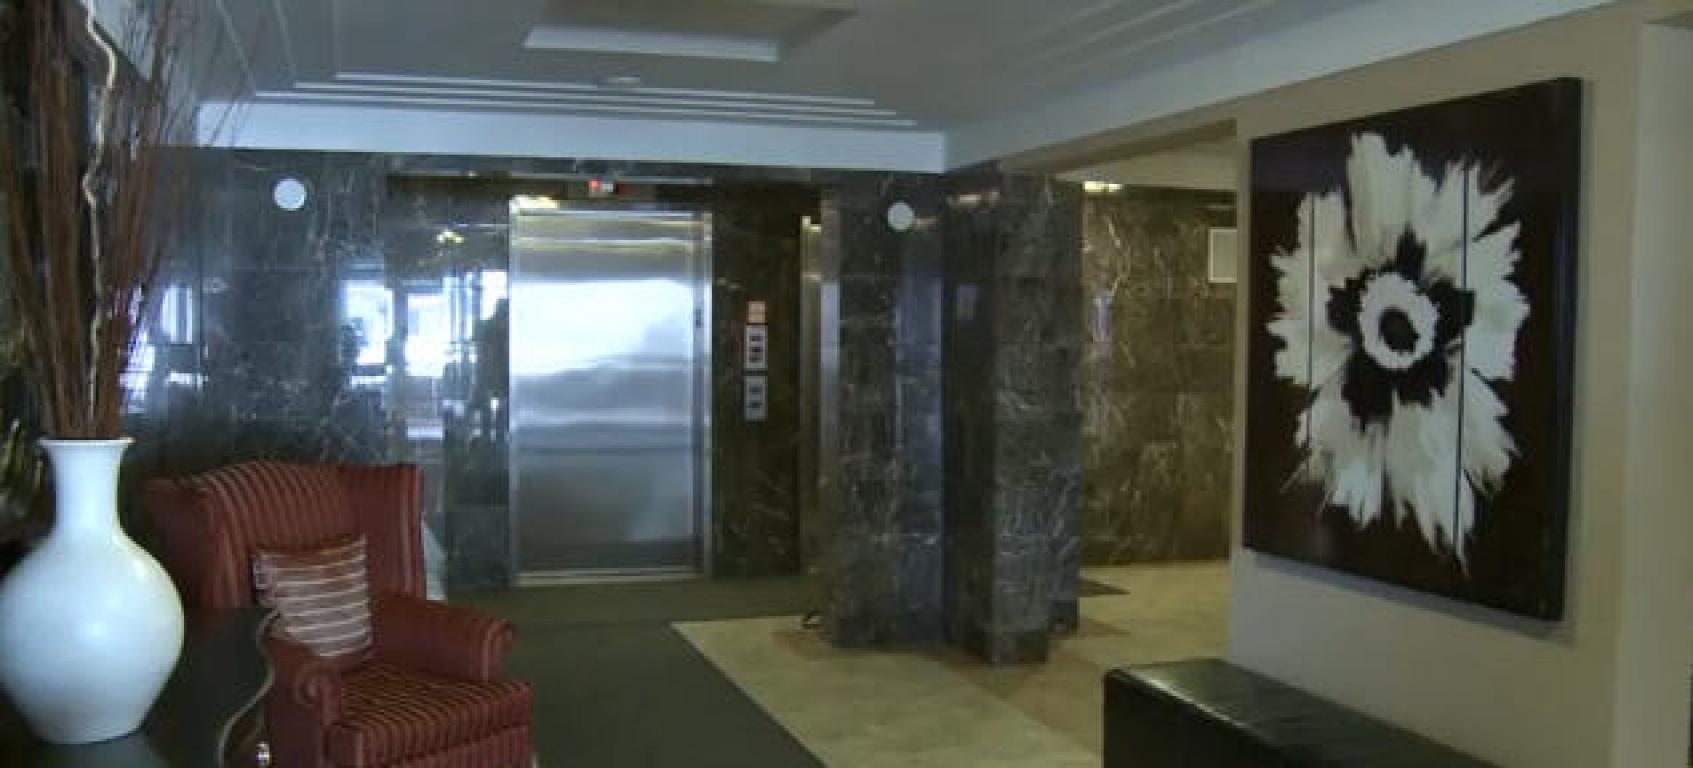 Apartments for Rent Burlington - 168 Plains Rd - Lobby